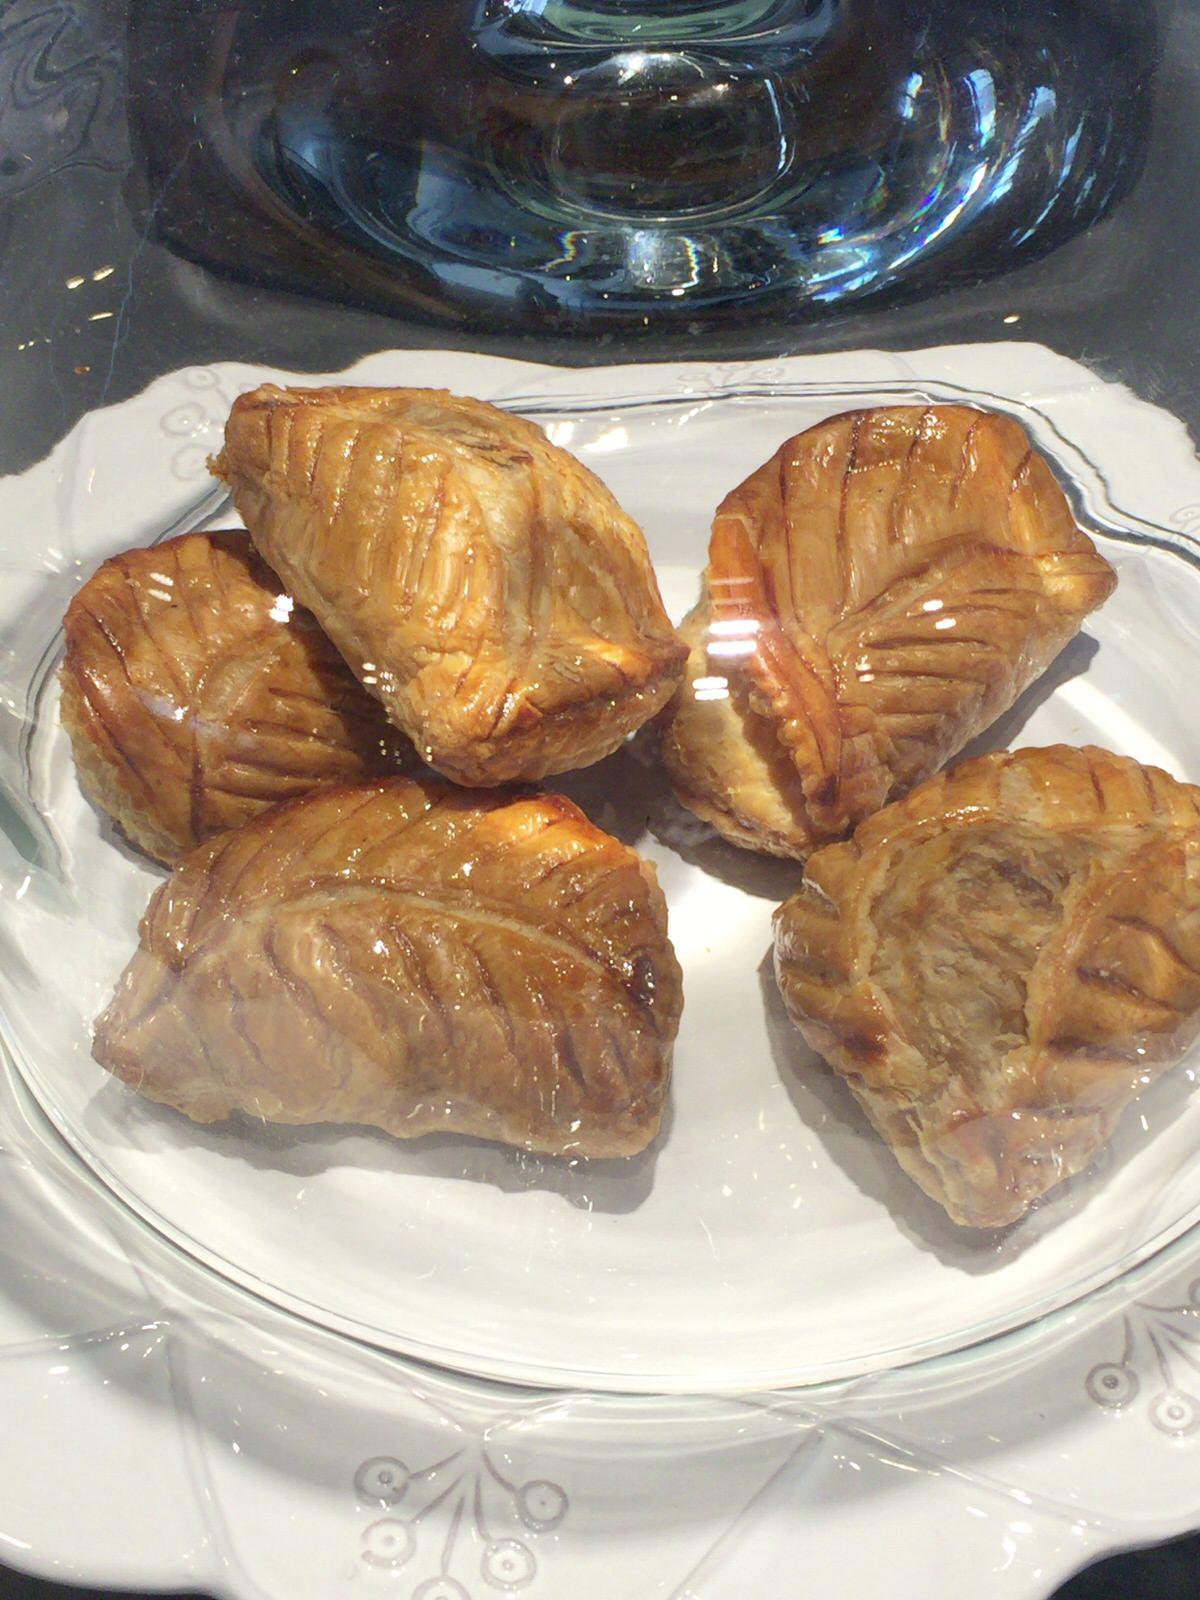 ケーキ&カフェ コレット 本店 |729層のアップルパイはパリパリ、サクサクで病みつきになりそう。【札幌 桑園】